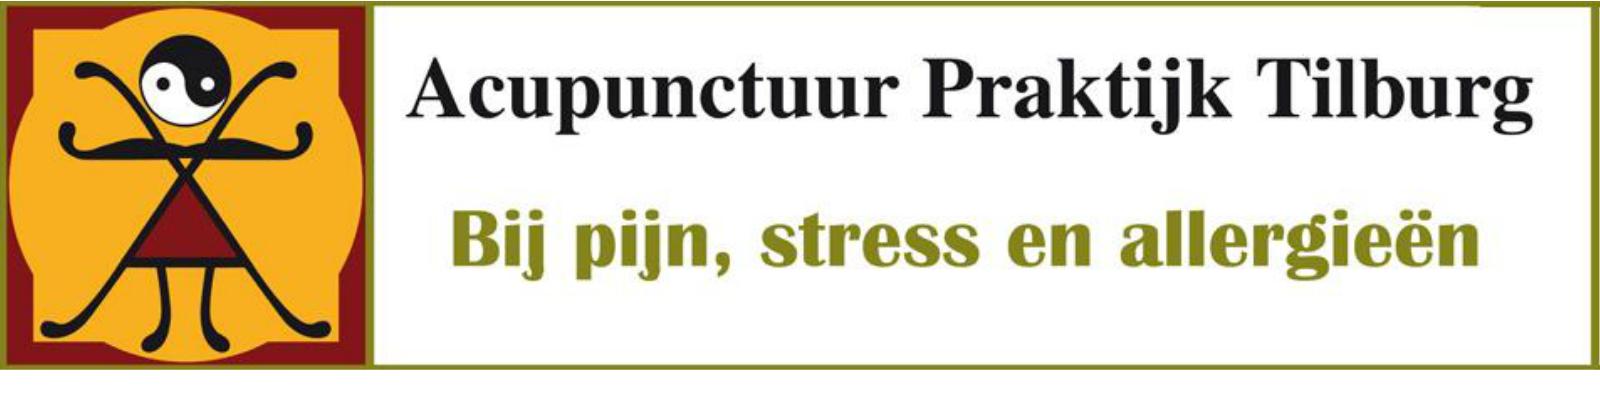 logo-acupunctuur-praktijk-tilburg-2